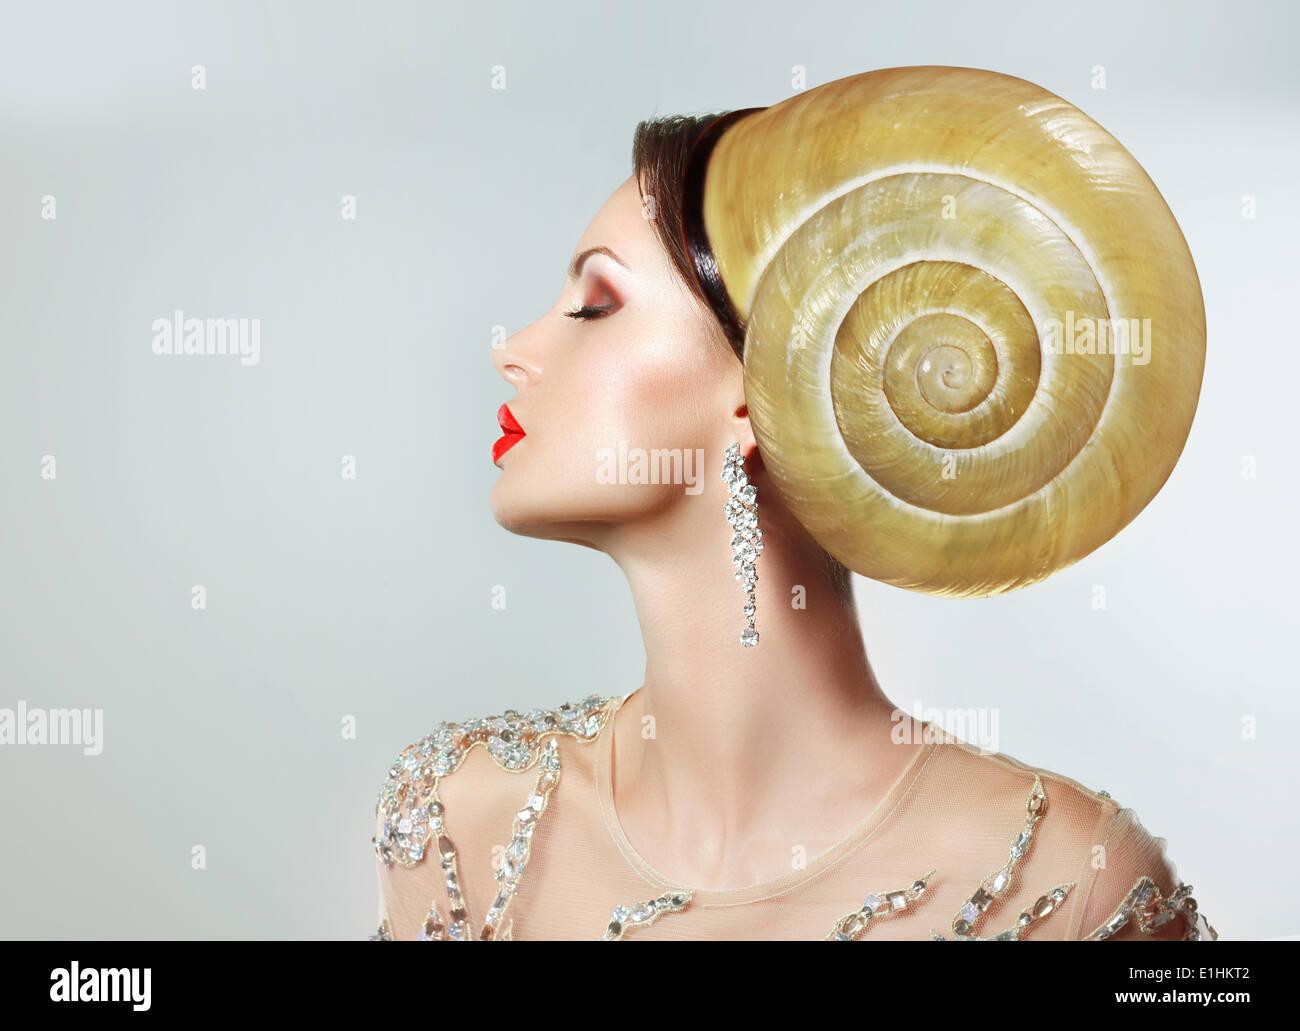 Extravagancy. Estrafalario peinado extremas. Mujer peculiar con Caracol como sombreros Imagen De Stock